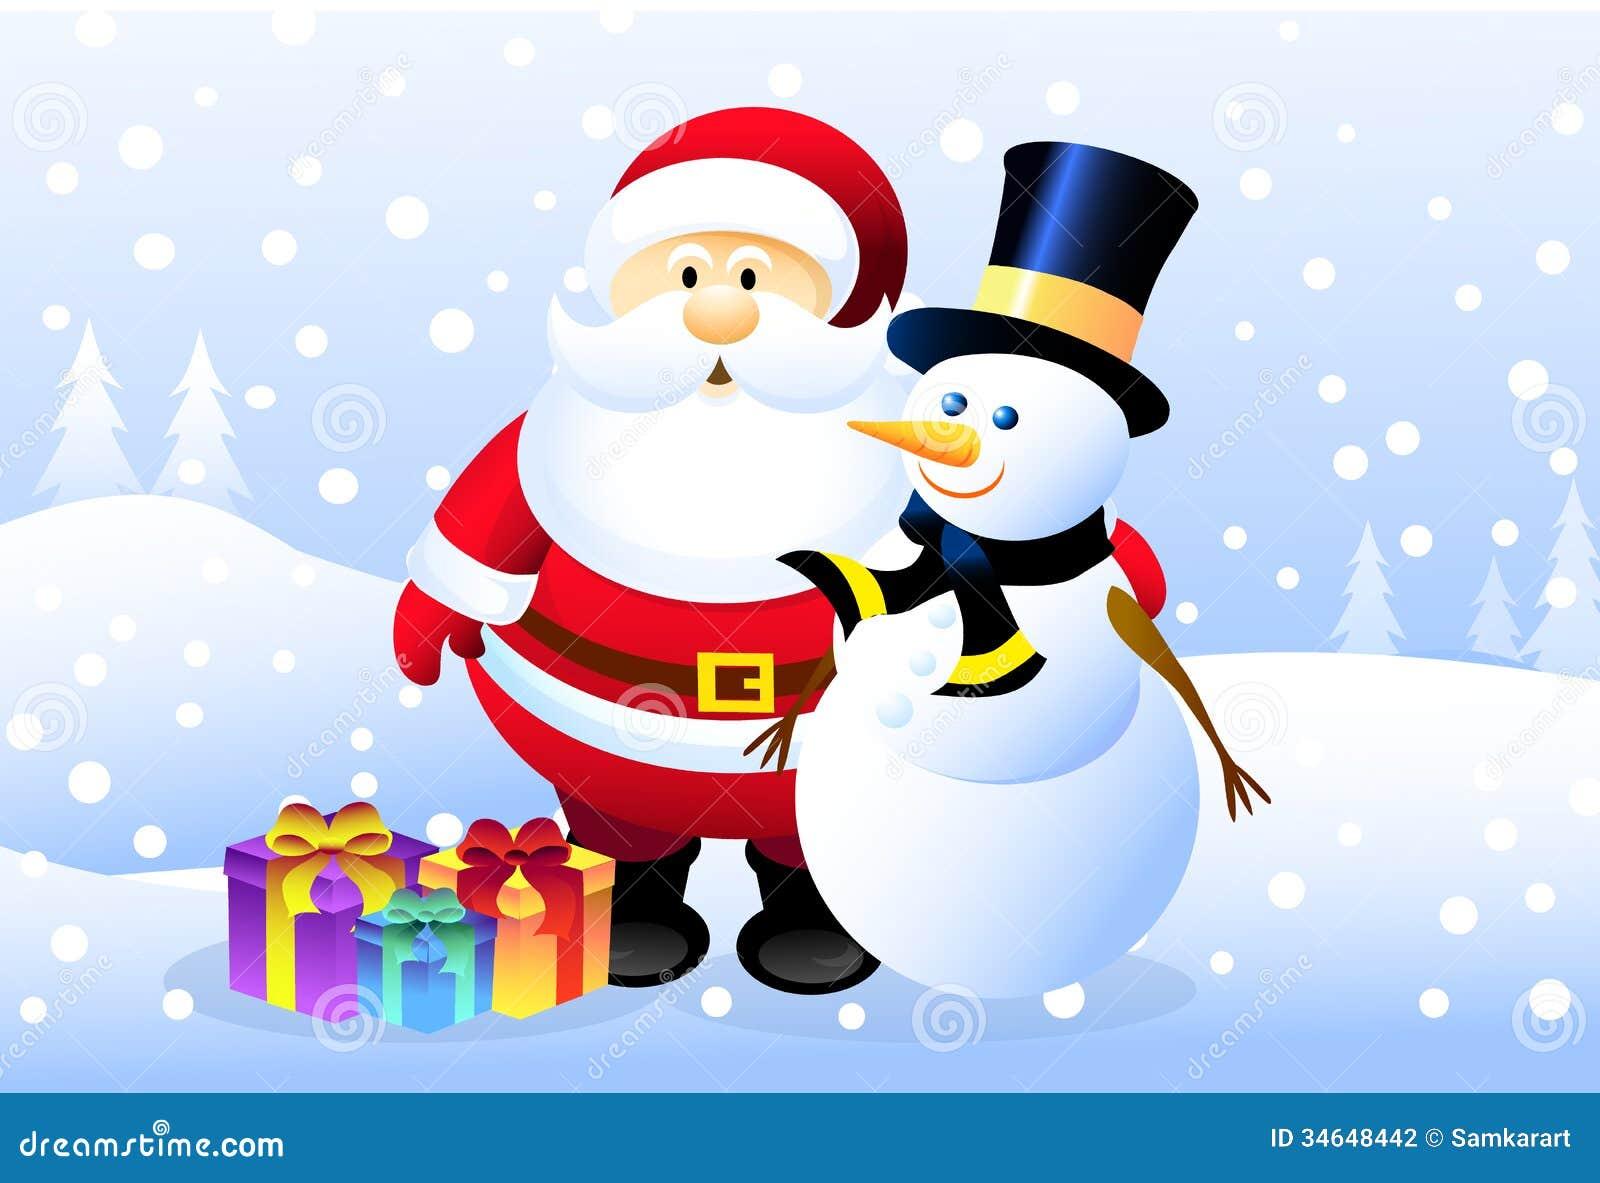 santa snowman - Snowman Santa